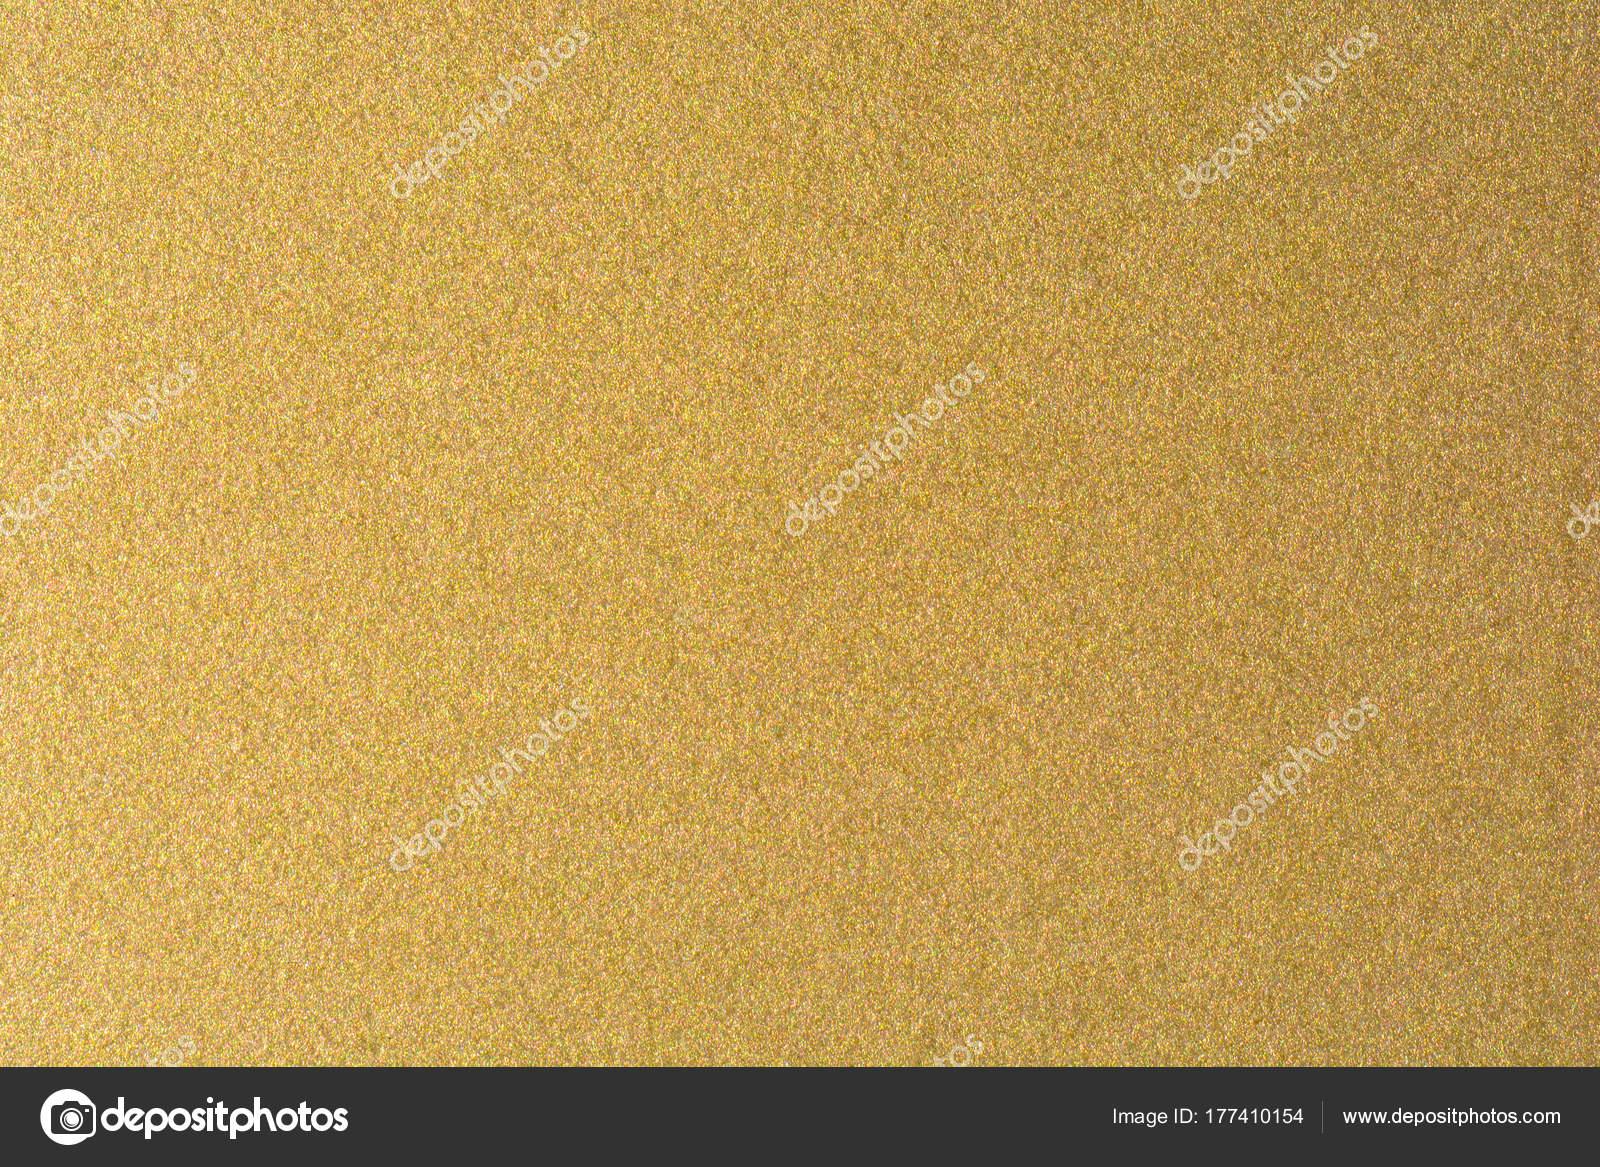 Détails Du Fond De Texture Dorée Mur De Peinture Couleur Or